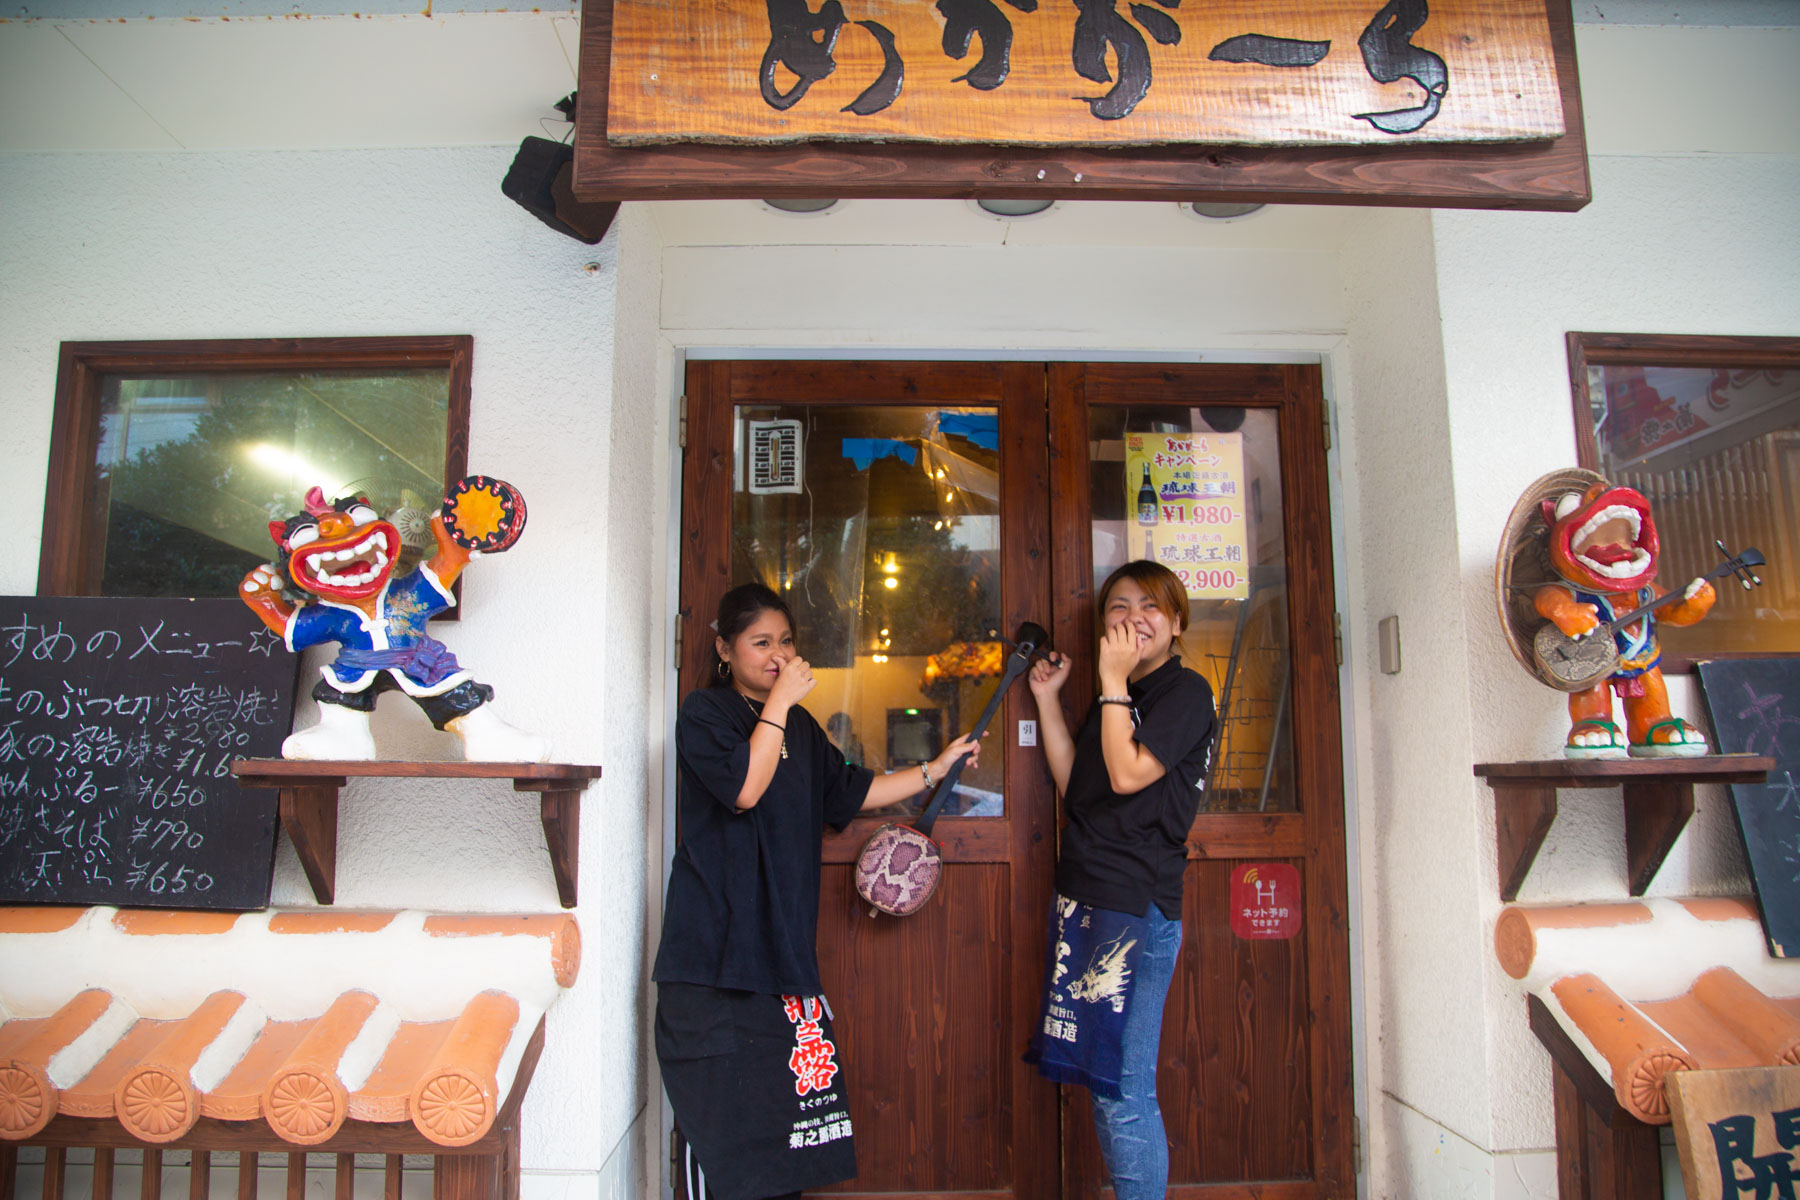 【理想通貨】使えるお店のご紹介 島唄と沖縄家庭料理の店 居酒屋「あかがーら」さん